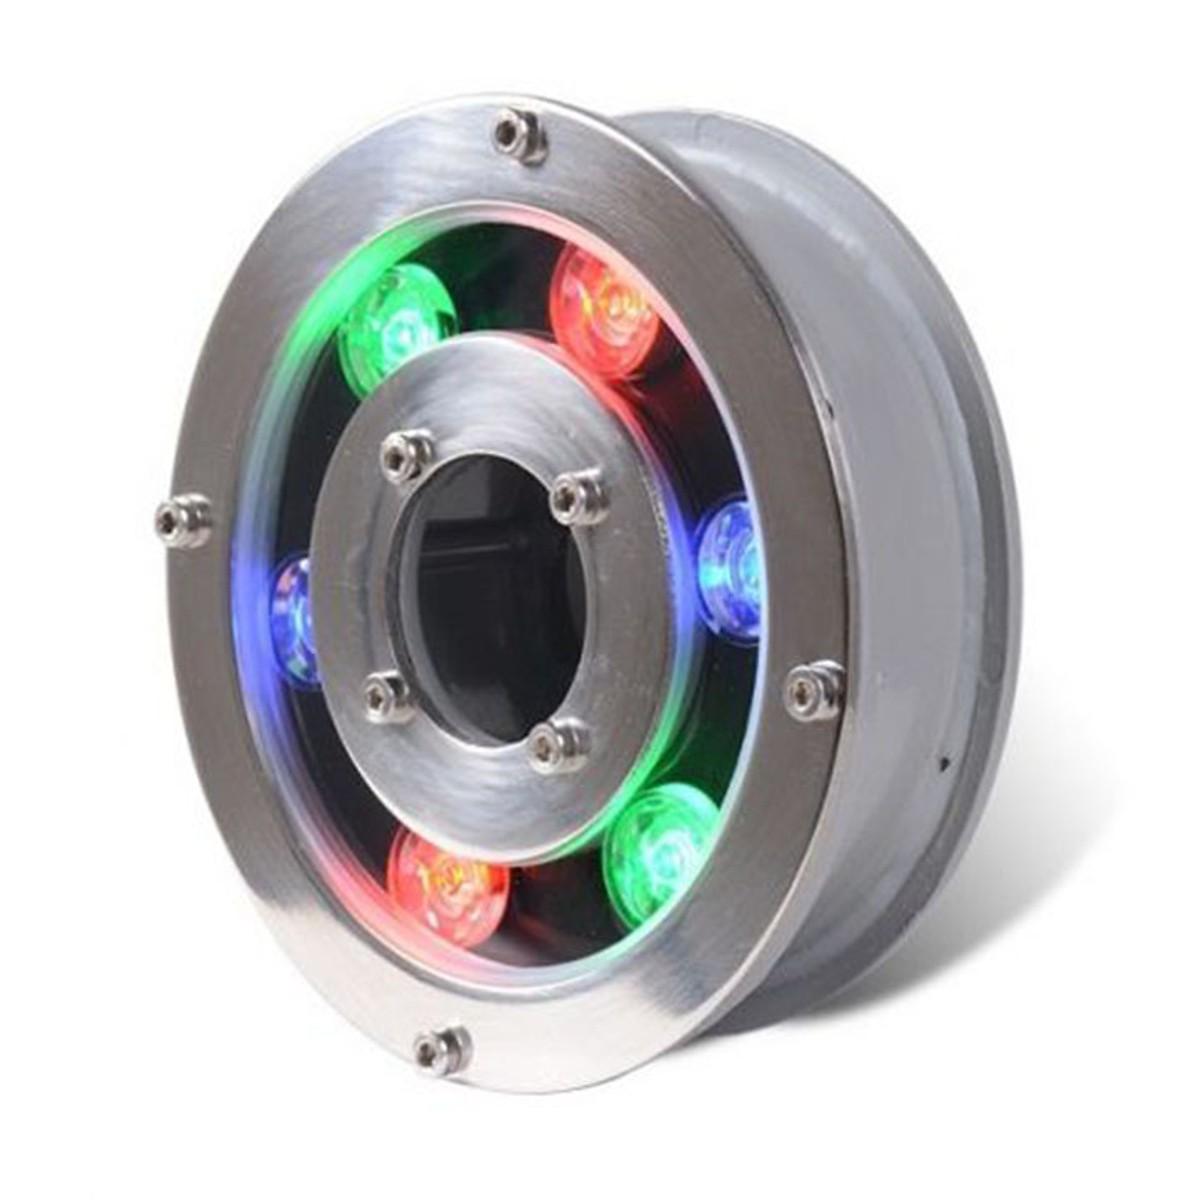 Đèn LED âm nước dạng bánh xe 6W đổi màu 12VAC - Đèn âm nước có lỗ 6w - 23812290 , 2542470013992 , 62_23619079 , 700000 , Den-LED-am-nuoc-dang-banh-xe-6W-doi-mau-12VAC-Den-am-nuoc-co-lo-6w-62_23619079 , tiki.vn , Đèn LED âm nước dạng bánh xe 6W đổi màu 12VAC - Đèn âm nước có lỗ 6w